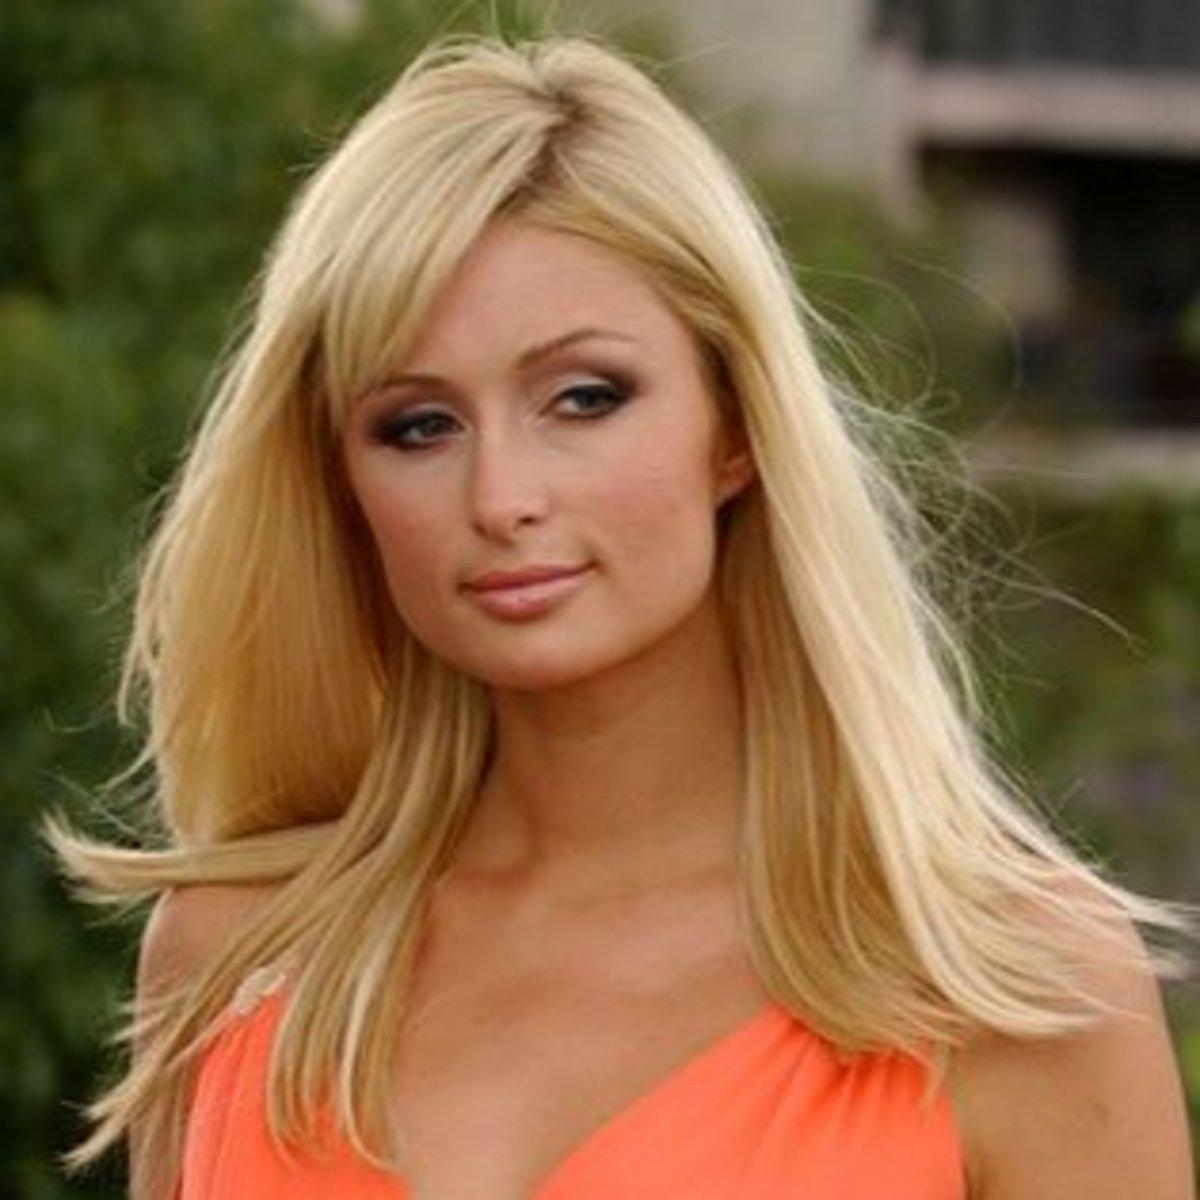 Square face women celebrities: Paris Hilton